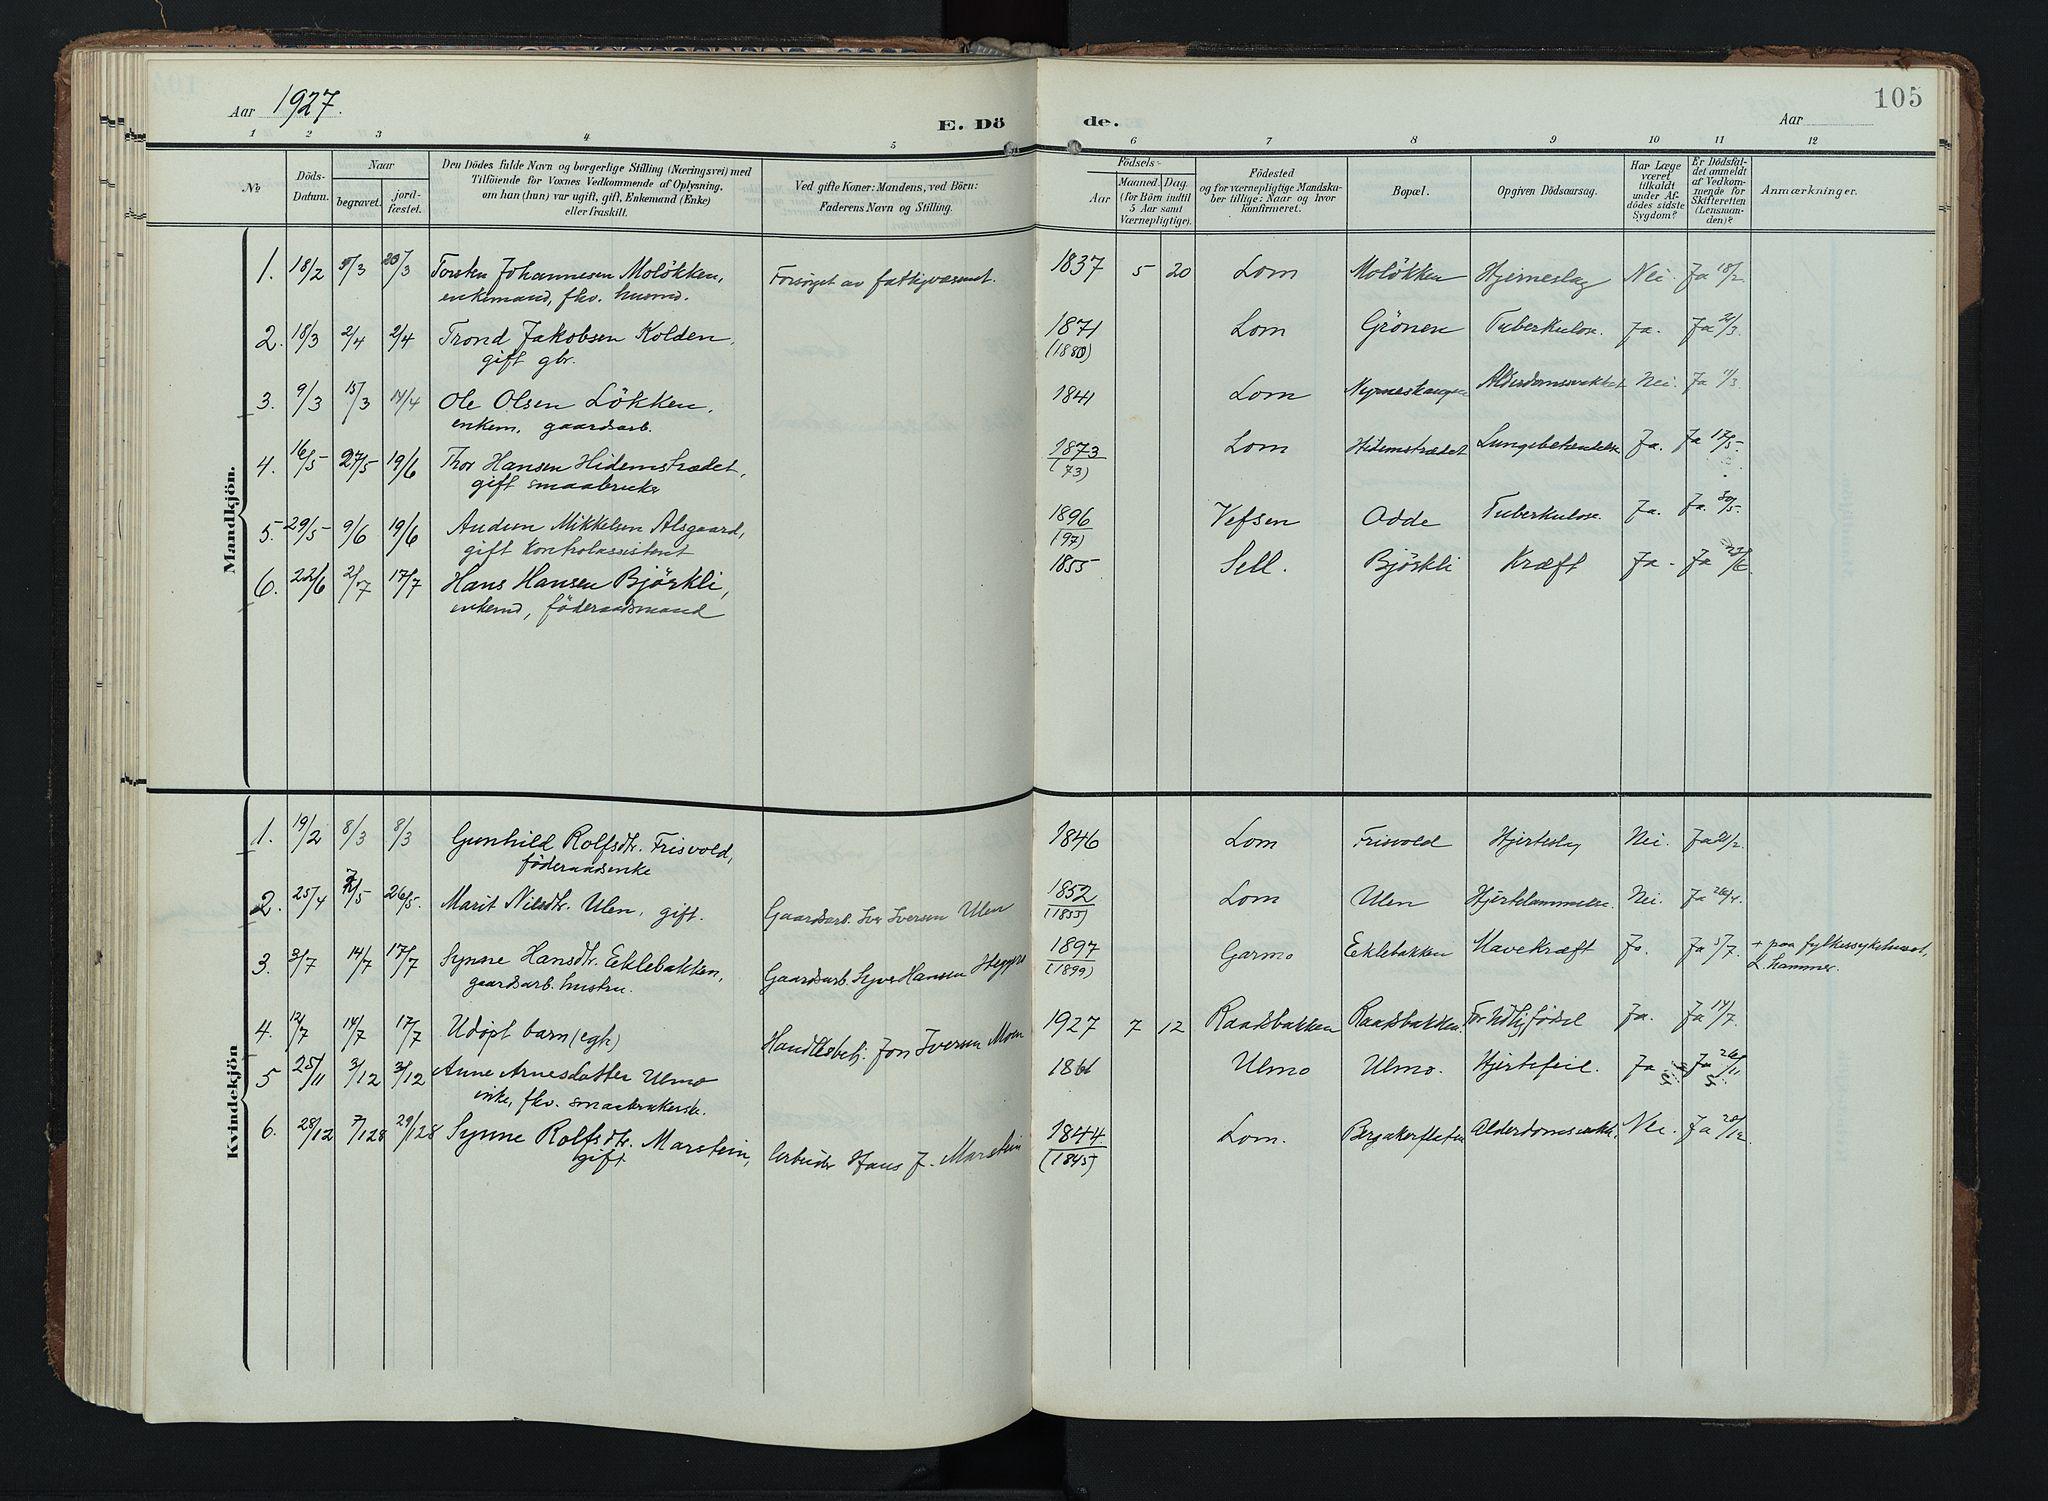 SAH, Lom prestekontor, K/L0011: Ministerialbok nr. 11, 1904-1928, s. 105